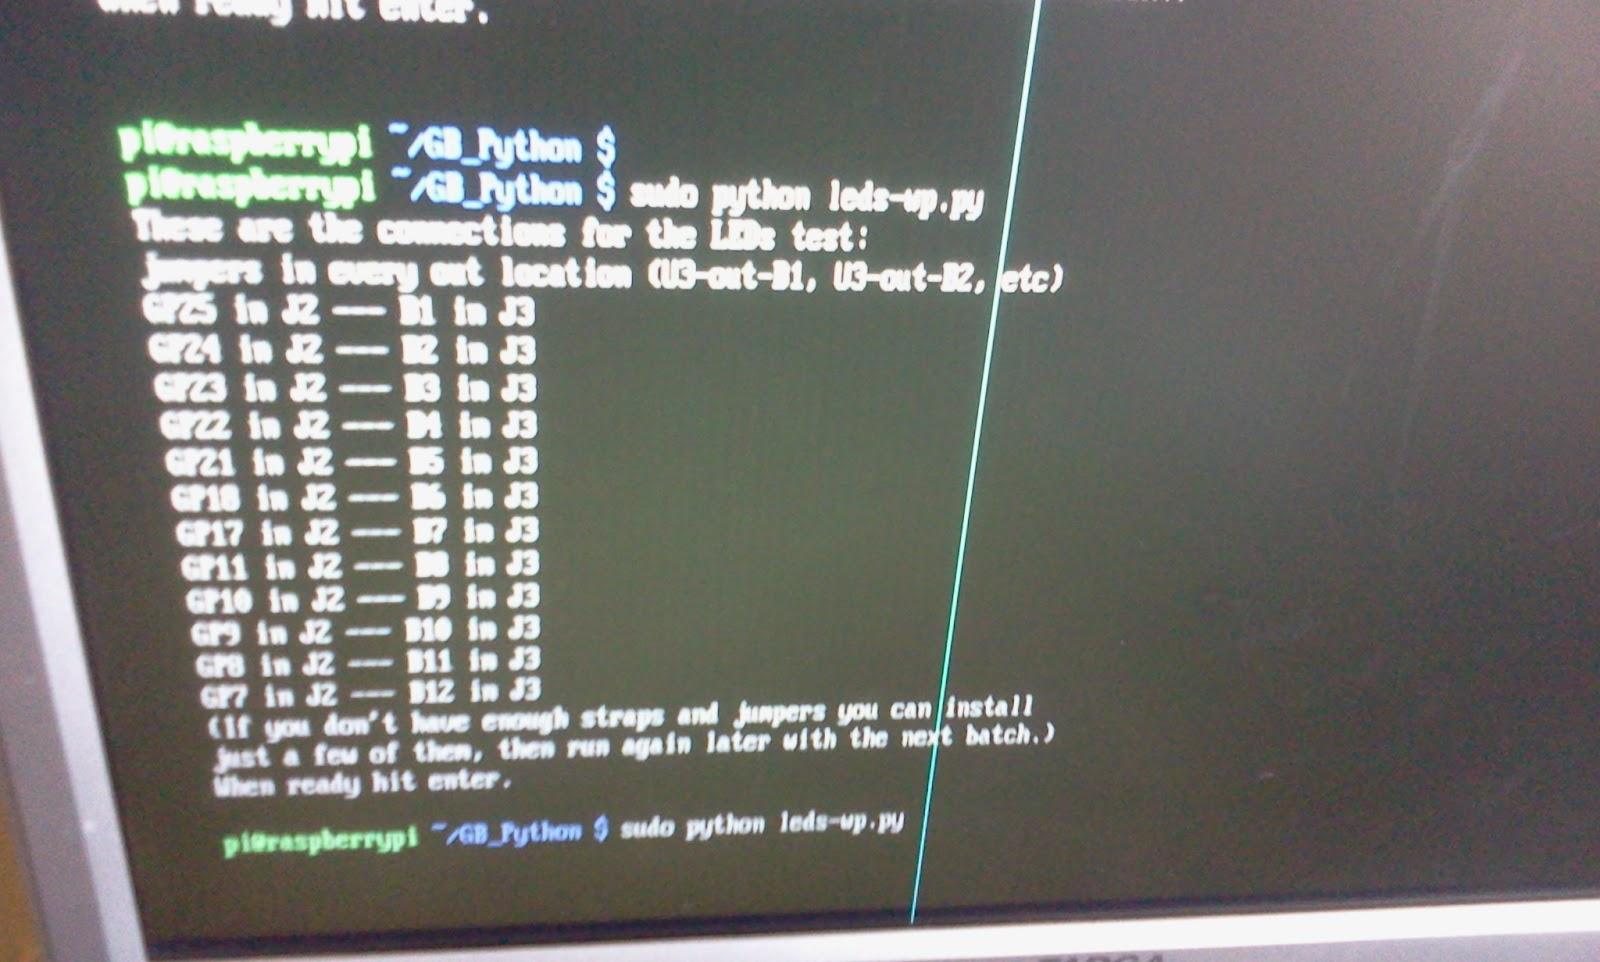 Wiringpi Python Interrupts